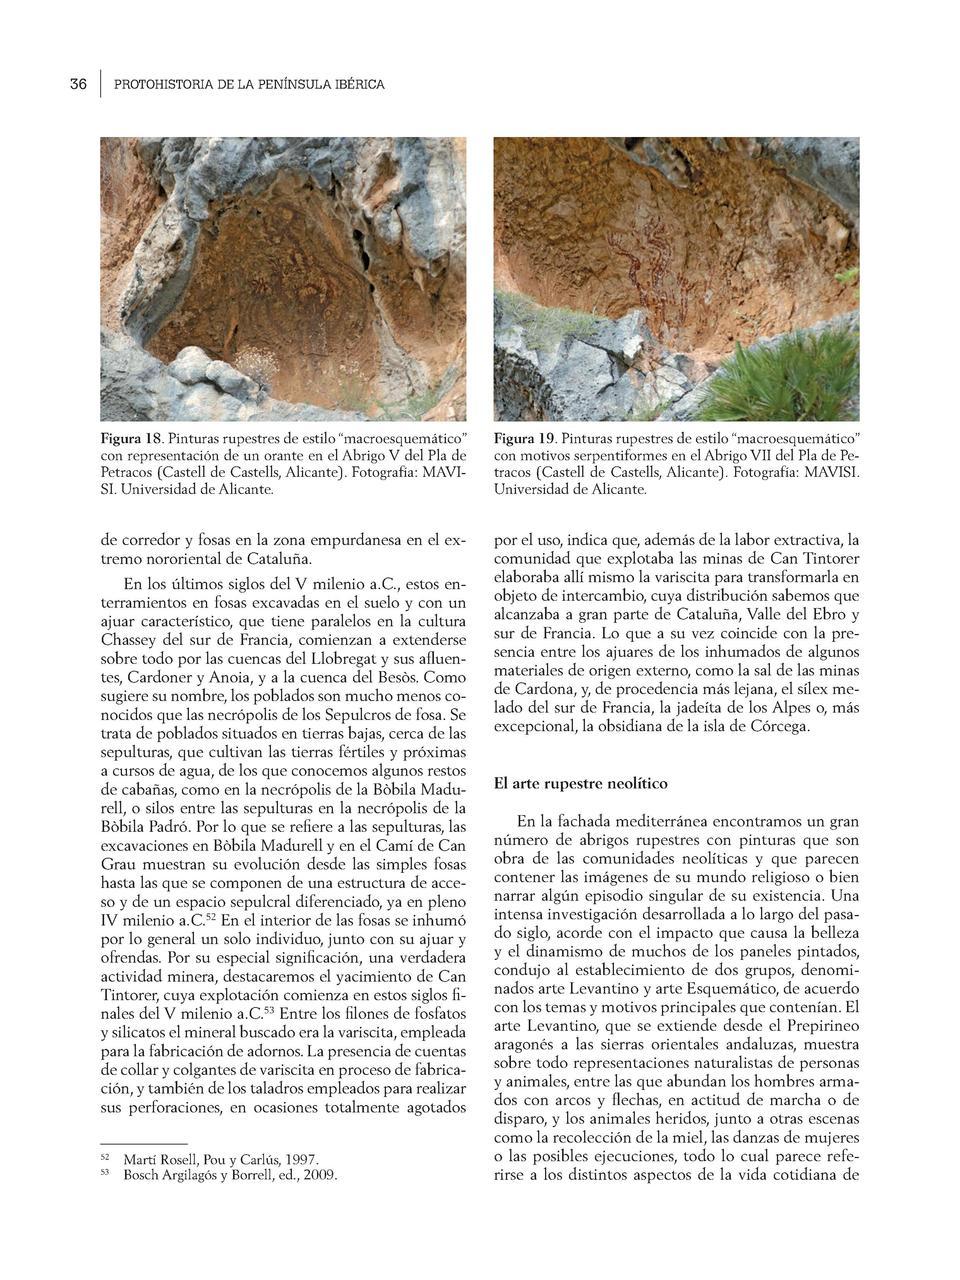 de la PenÃnsula Protohistoria I I Protohistoria de Protohistoria la PenÃnsula xvCRw